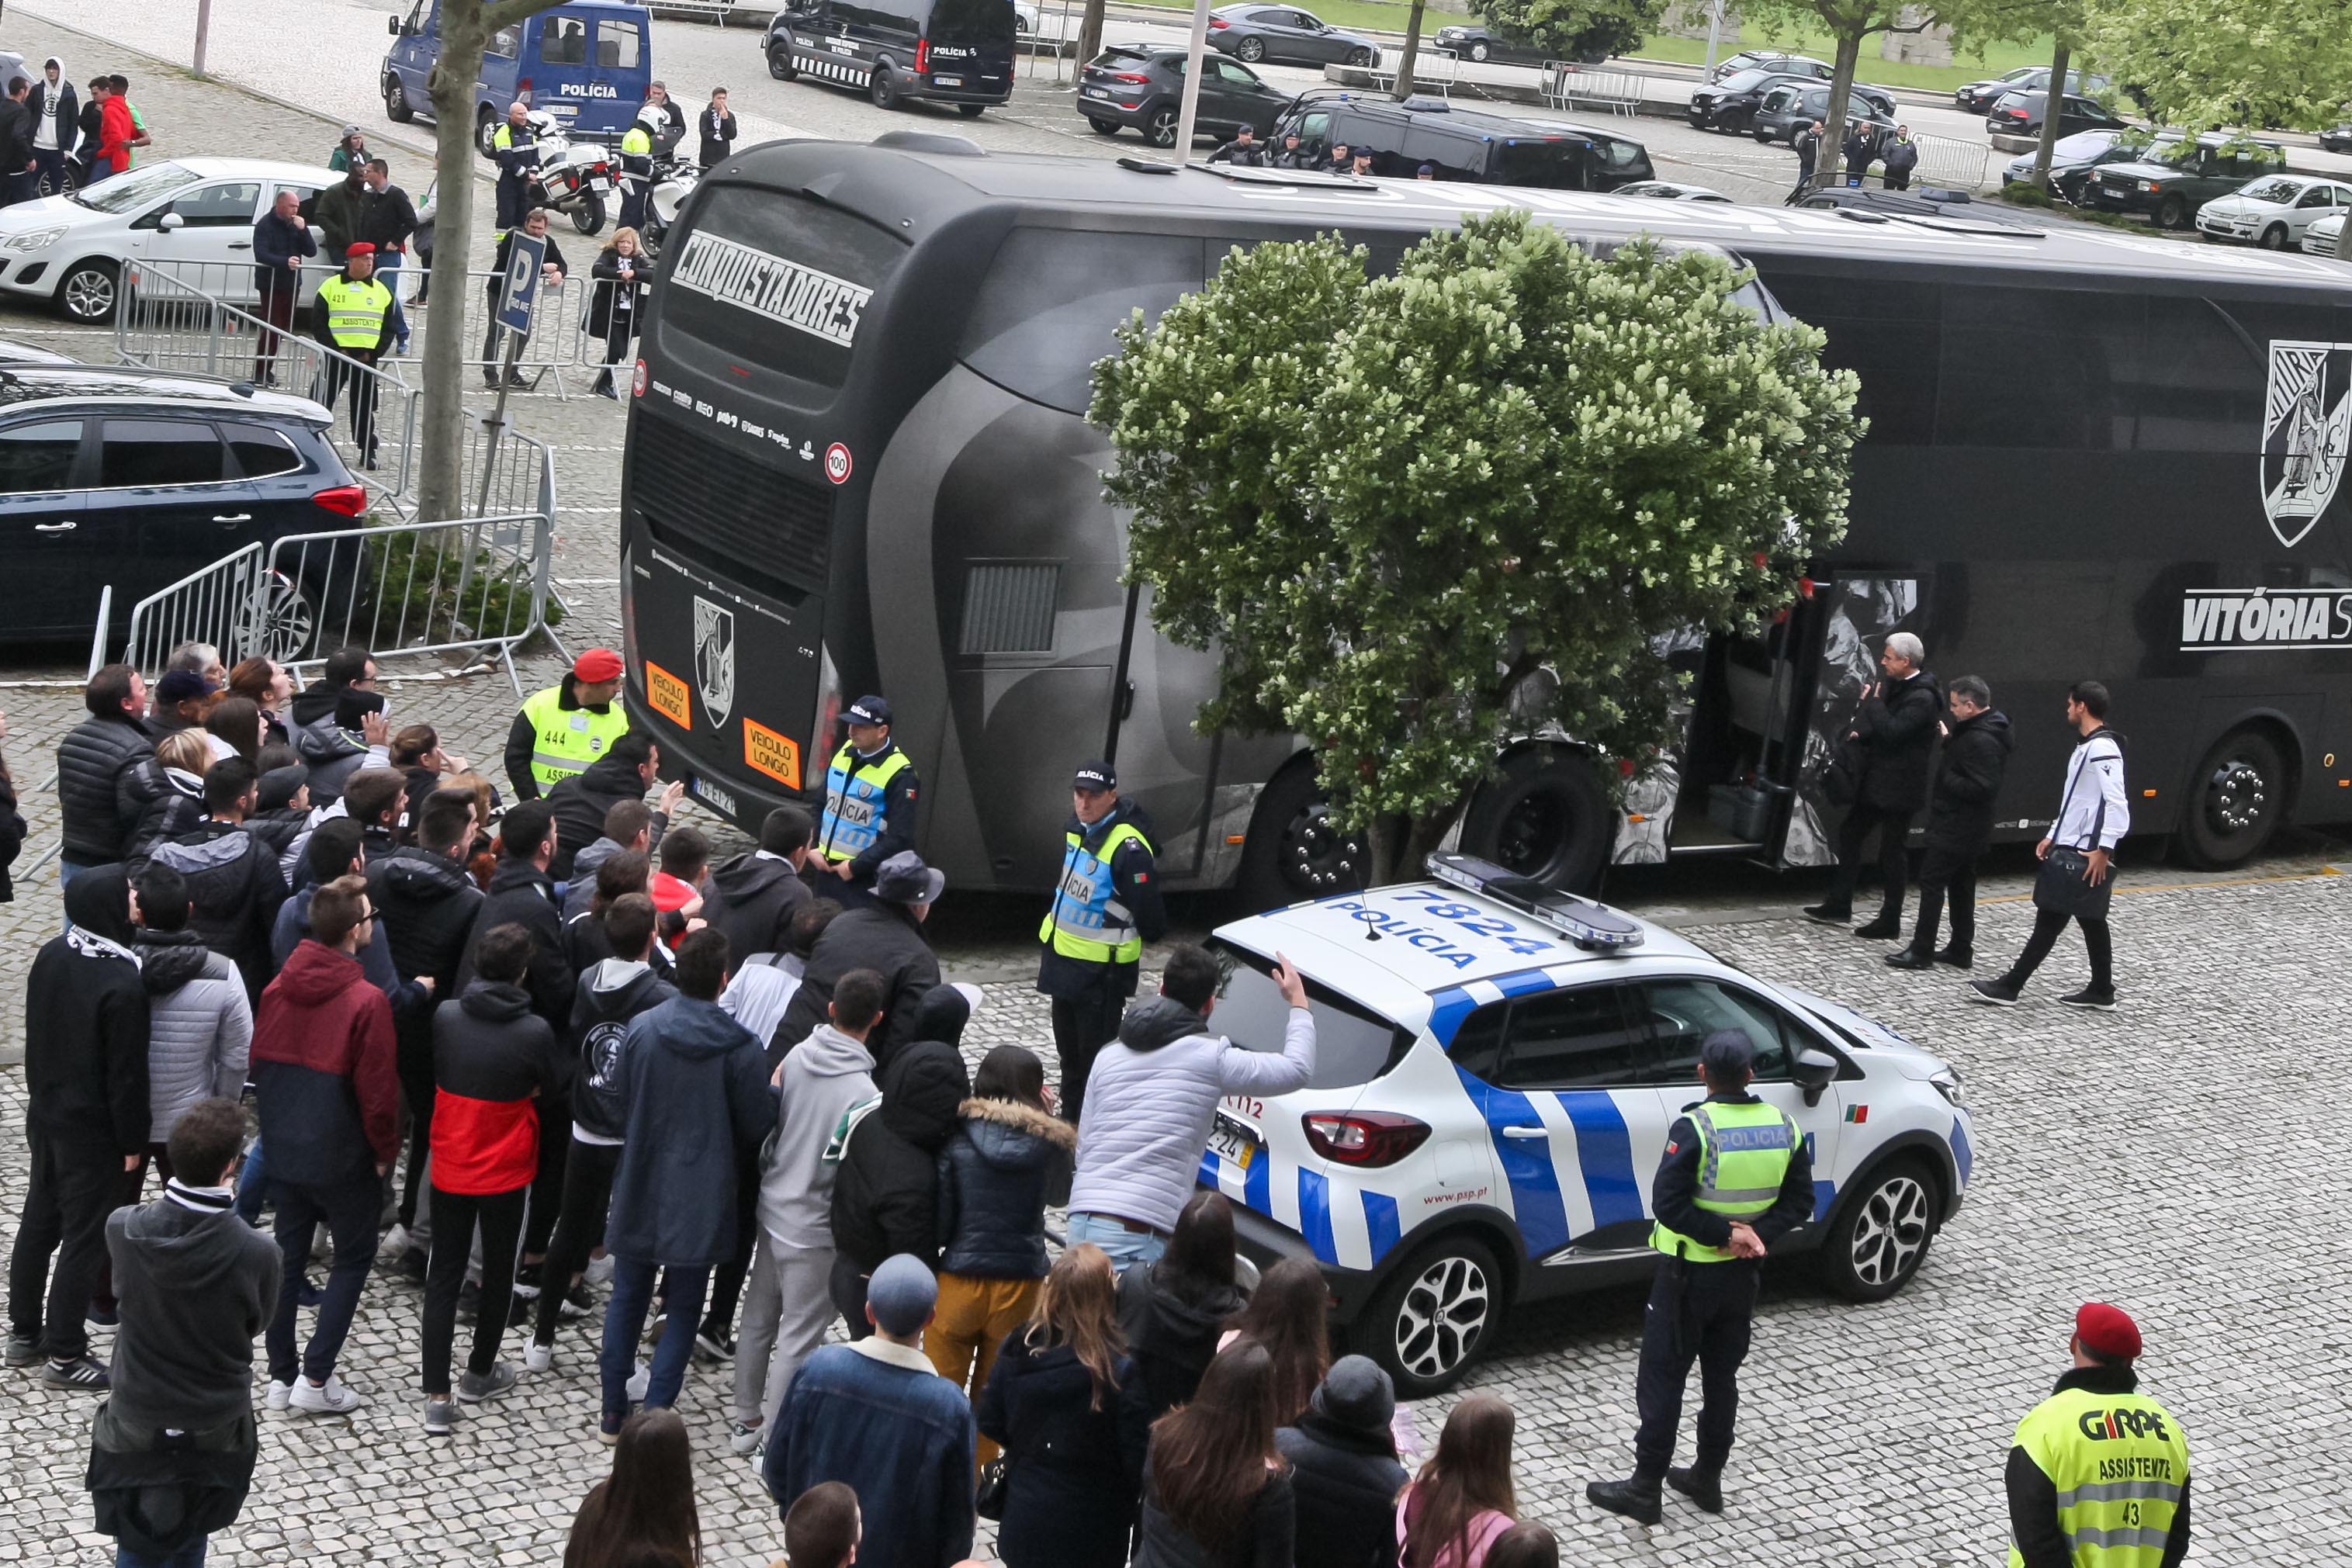 """Luís Castro 'apertado' e insultado após nova derrota: """"Joguem à bola"""""""